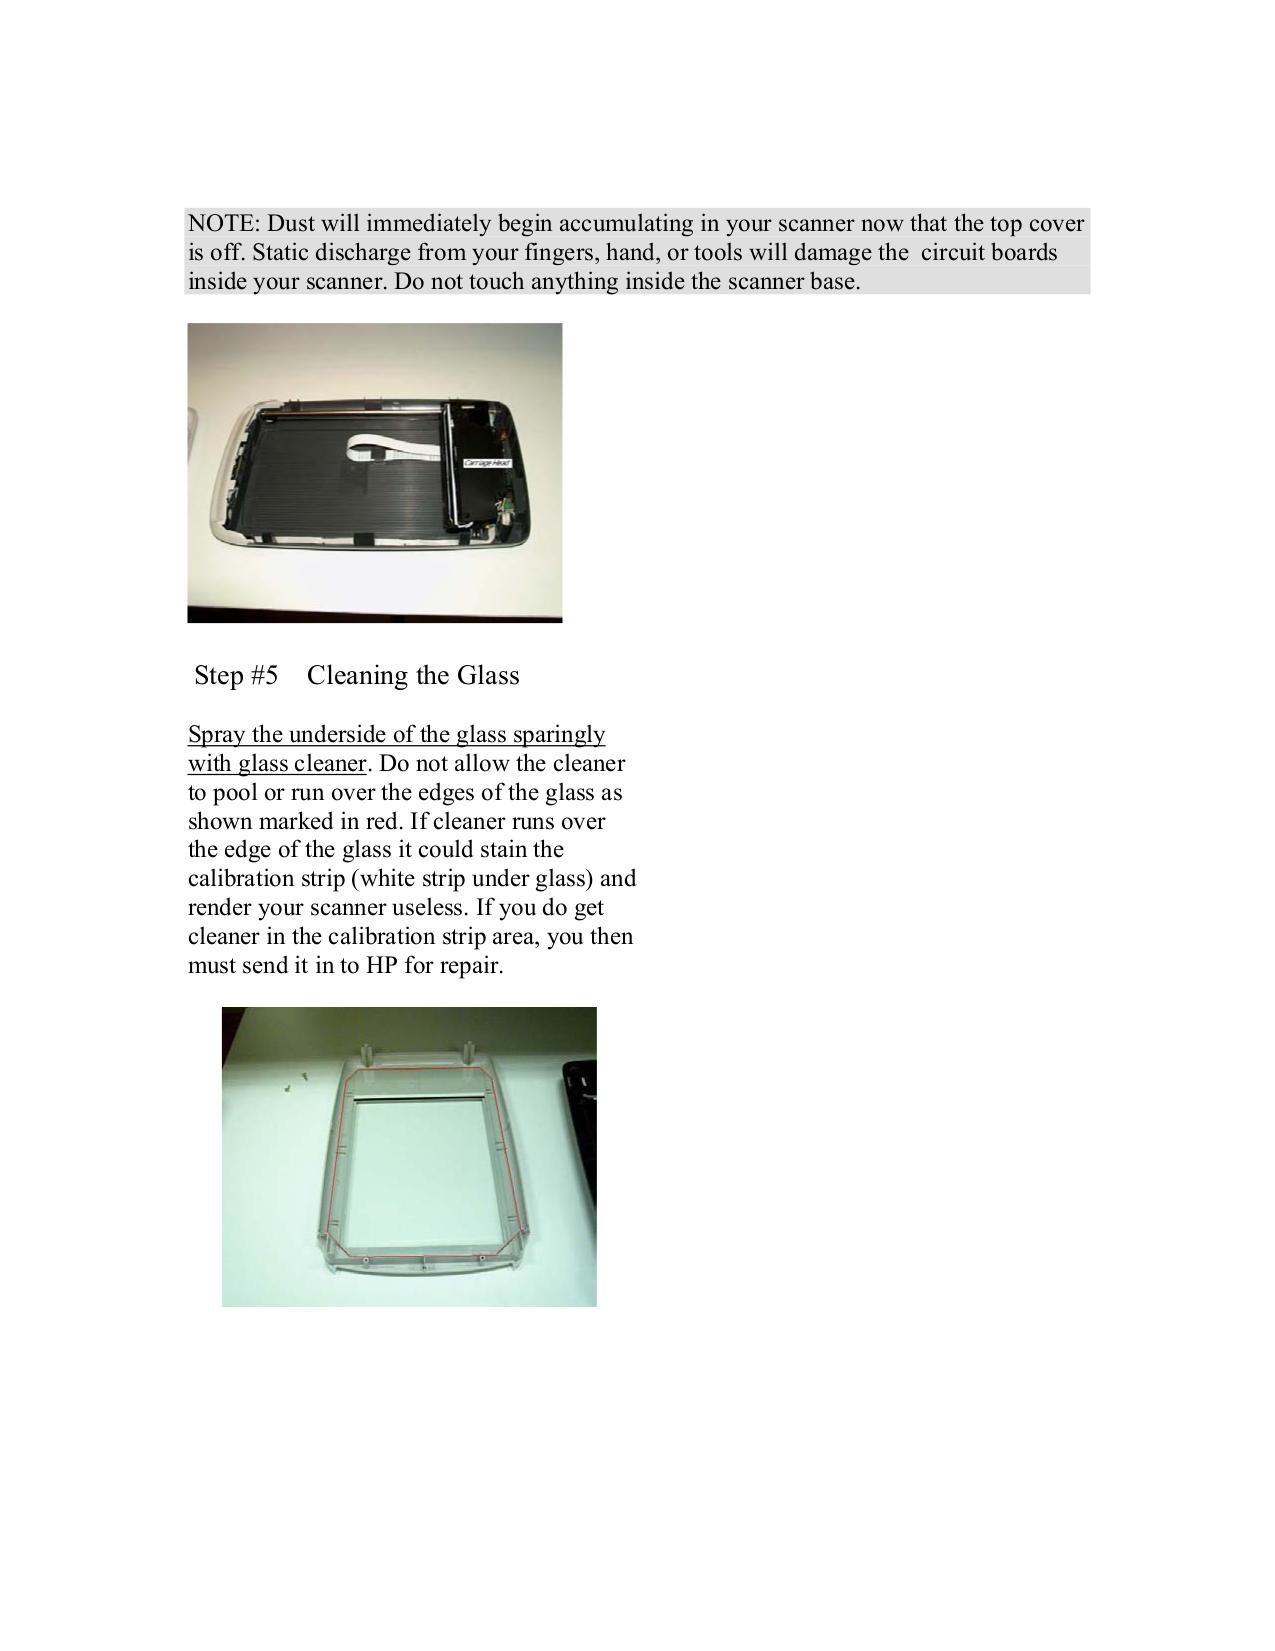 PDF manual for HP Scanner Scanjet 3570c